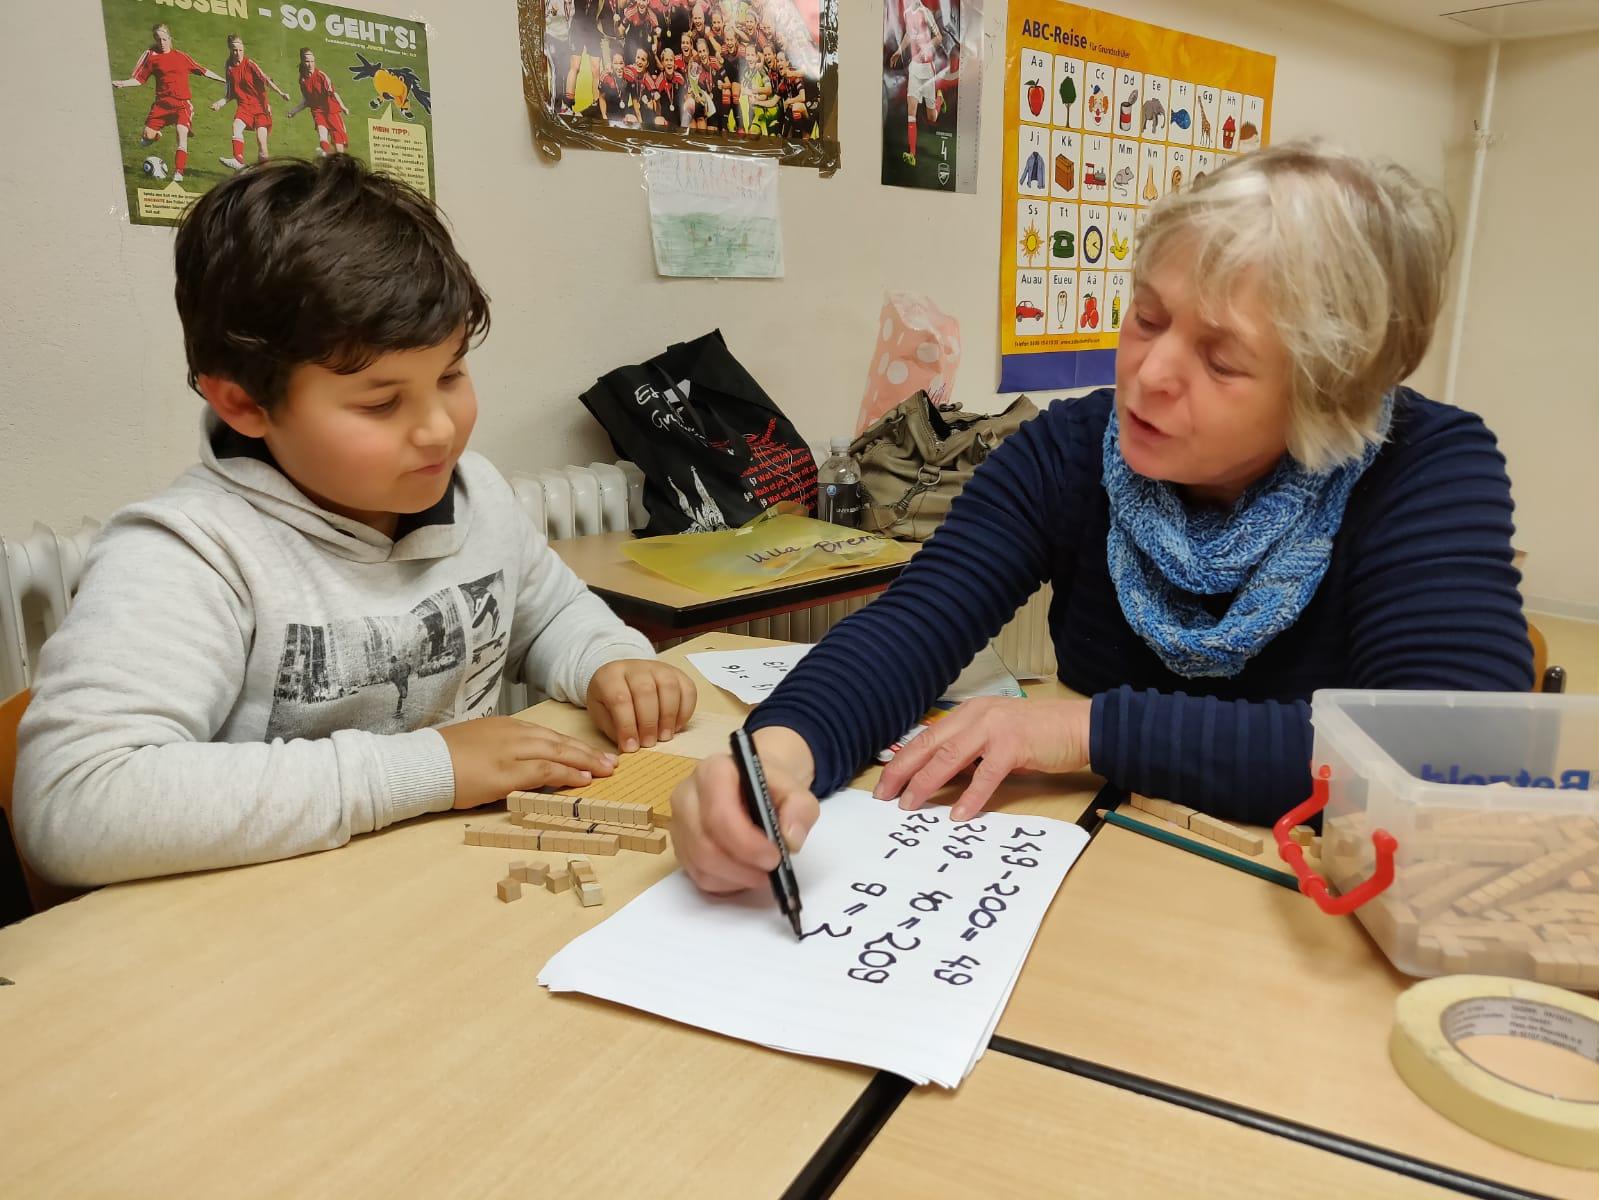 Expertin Ursula Bremer unterstützt als pädagogische Beraterin